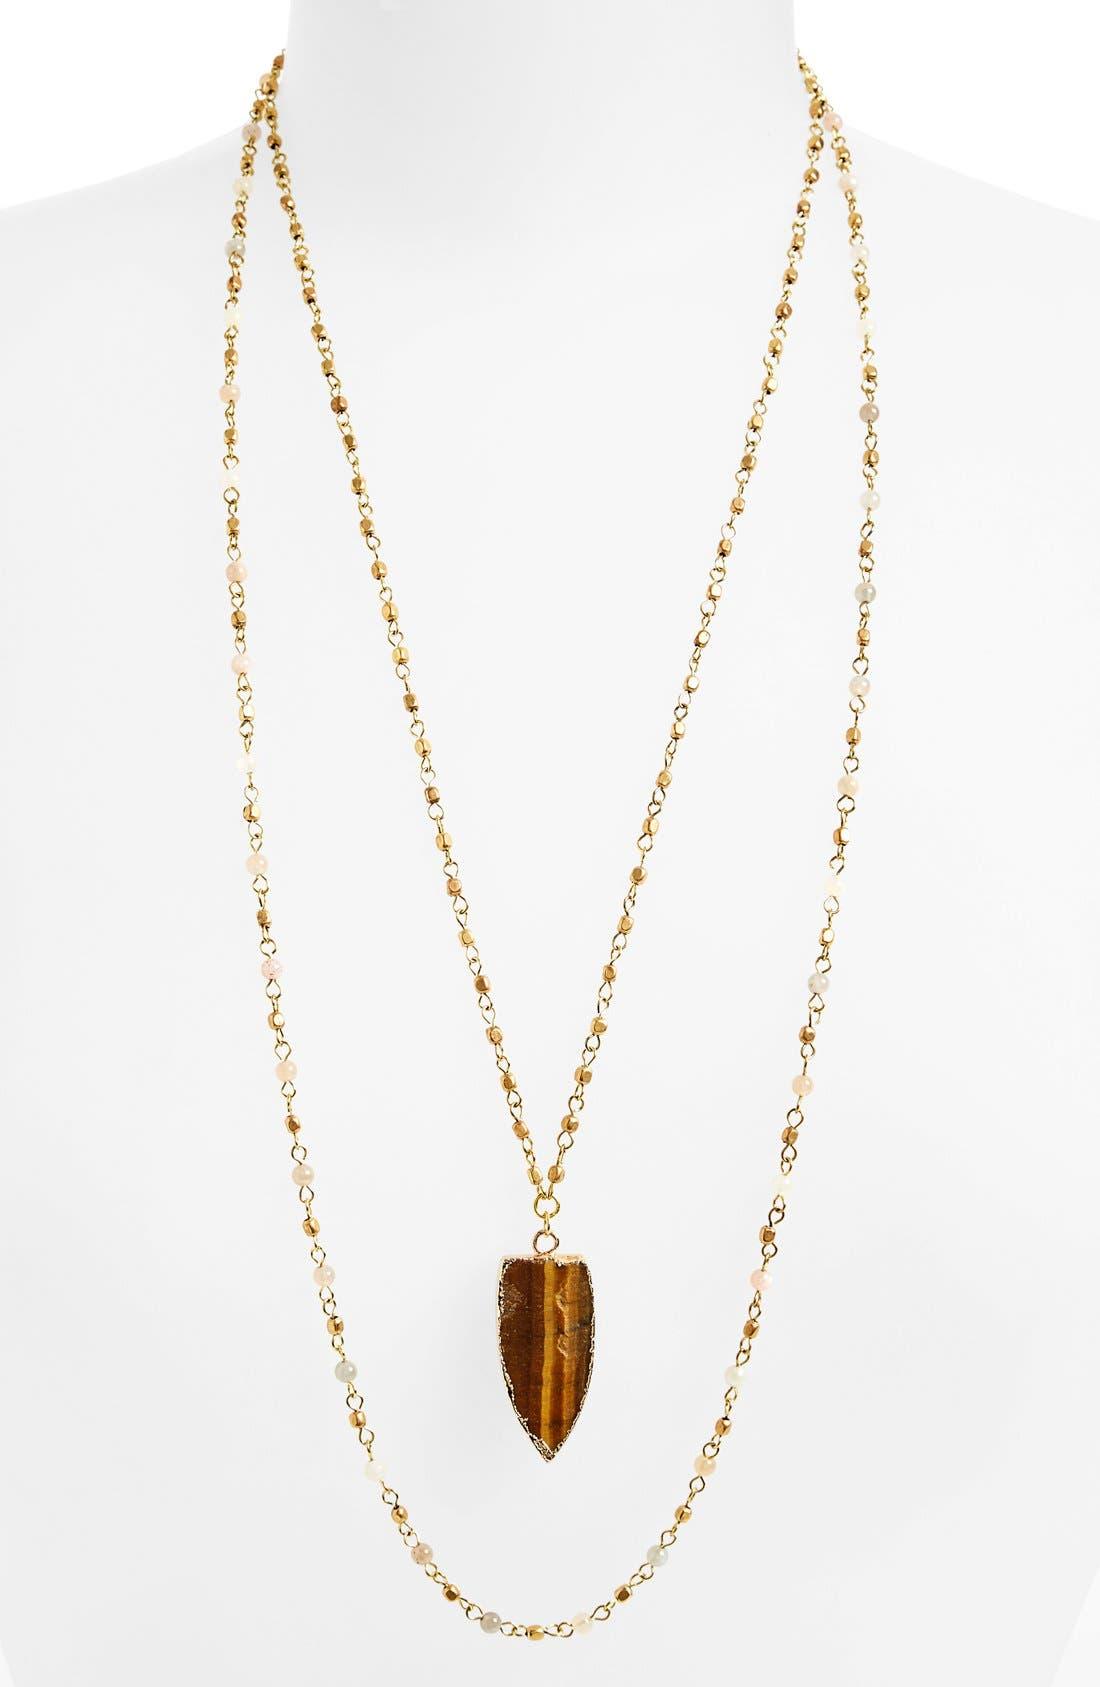 Main Image - Panacea Double Strand Stone Pendant Necklace